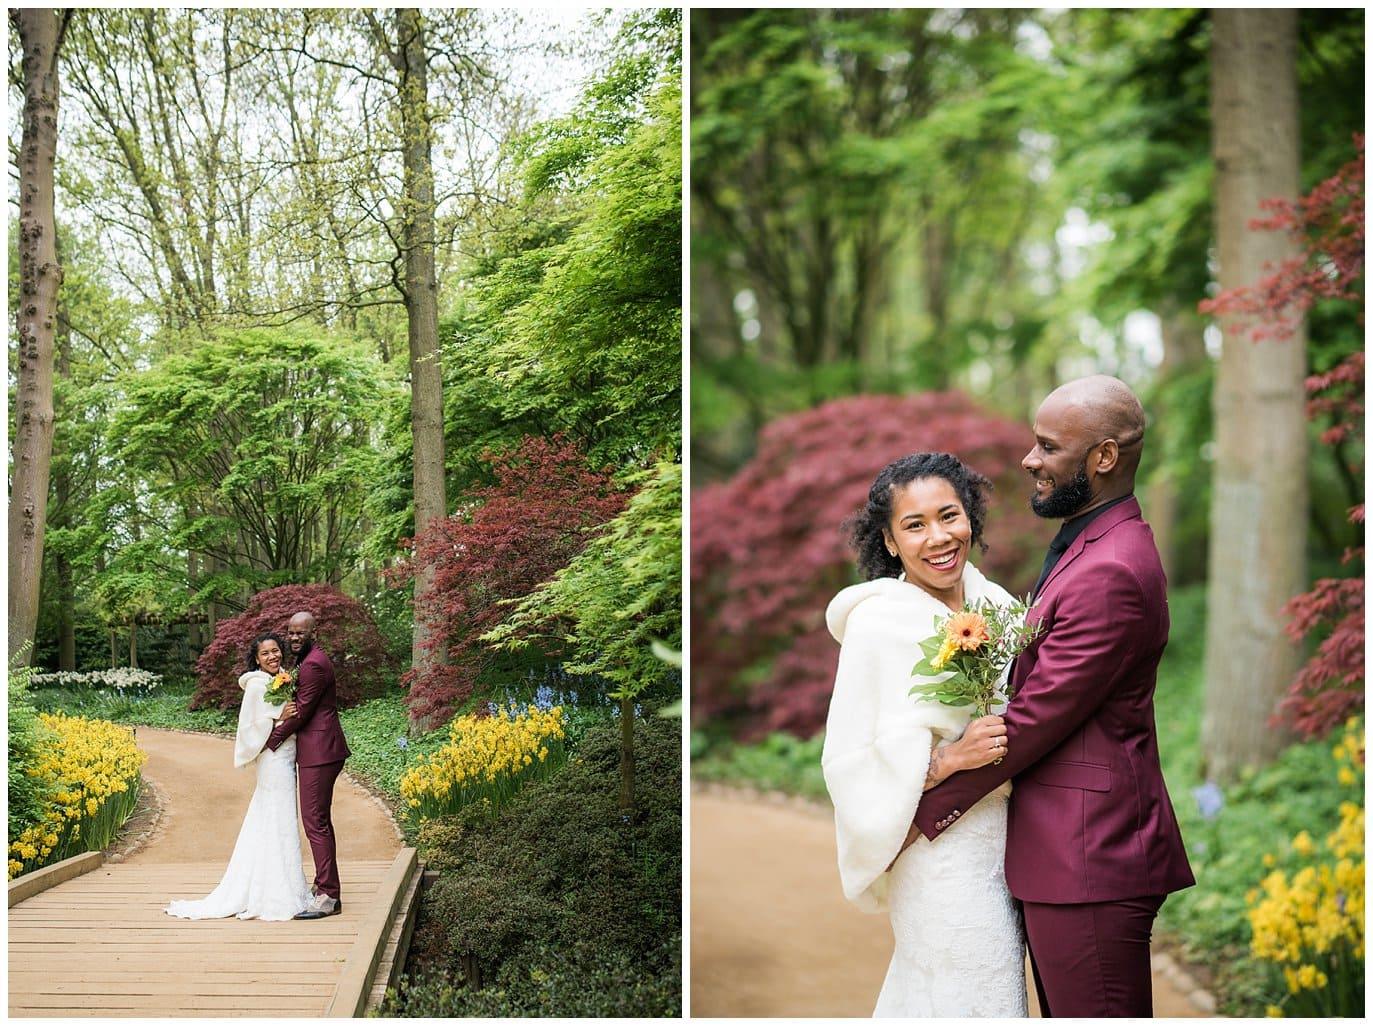 Amsterdam garden wedding photo